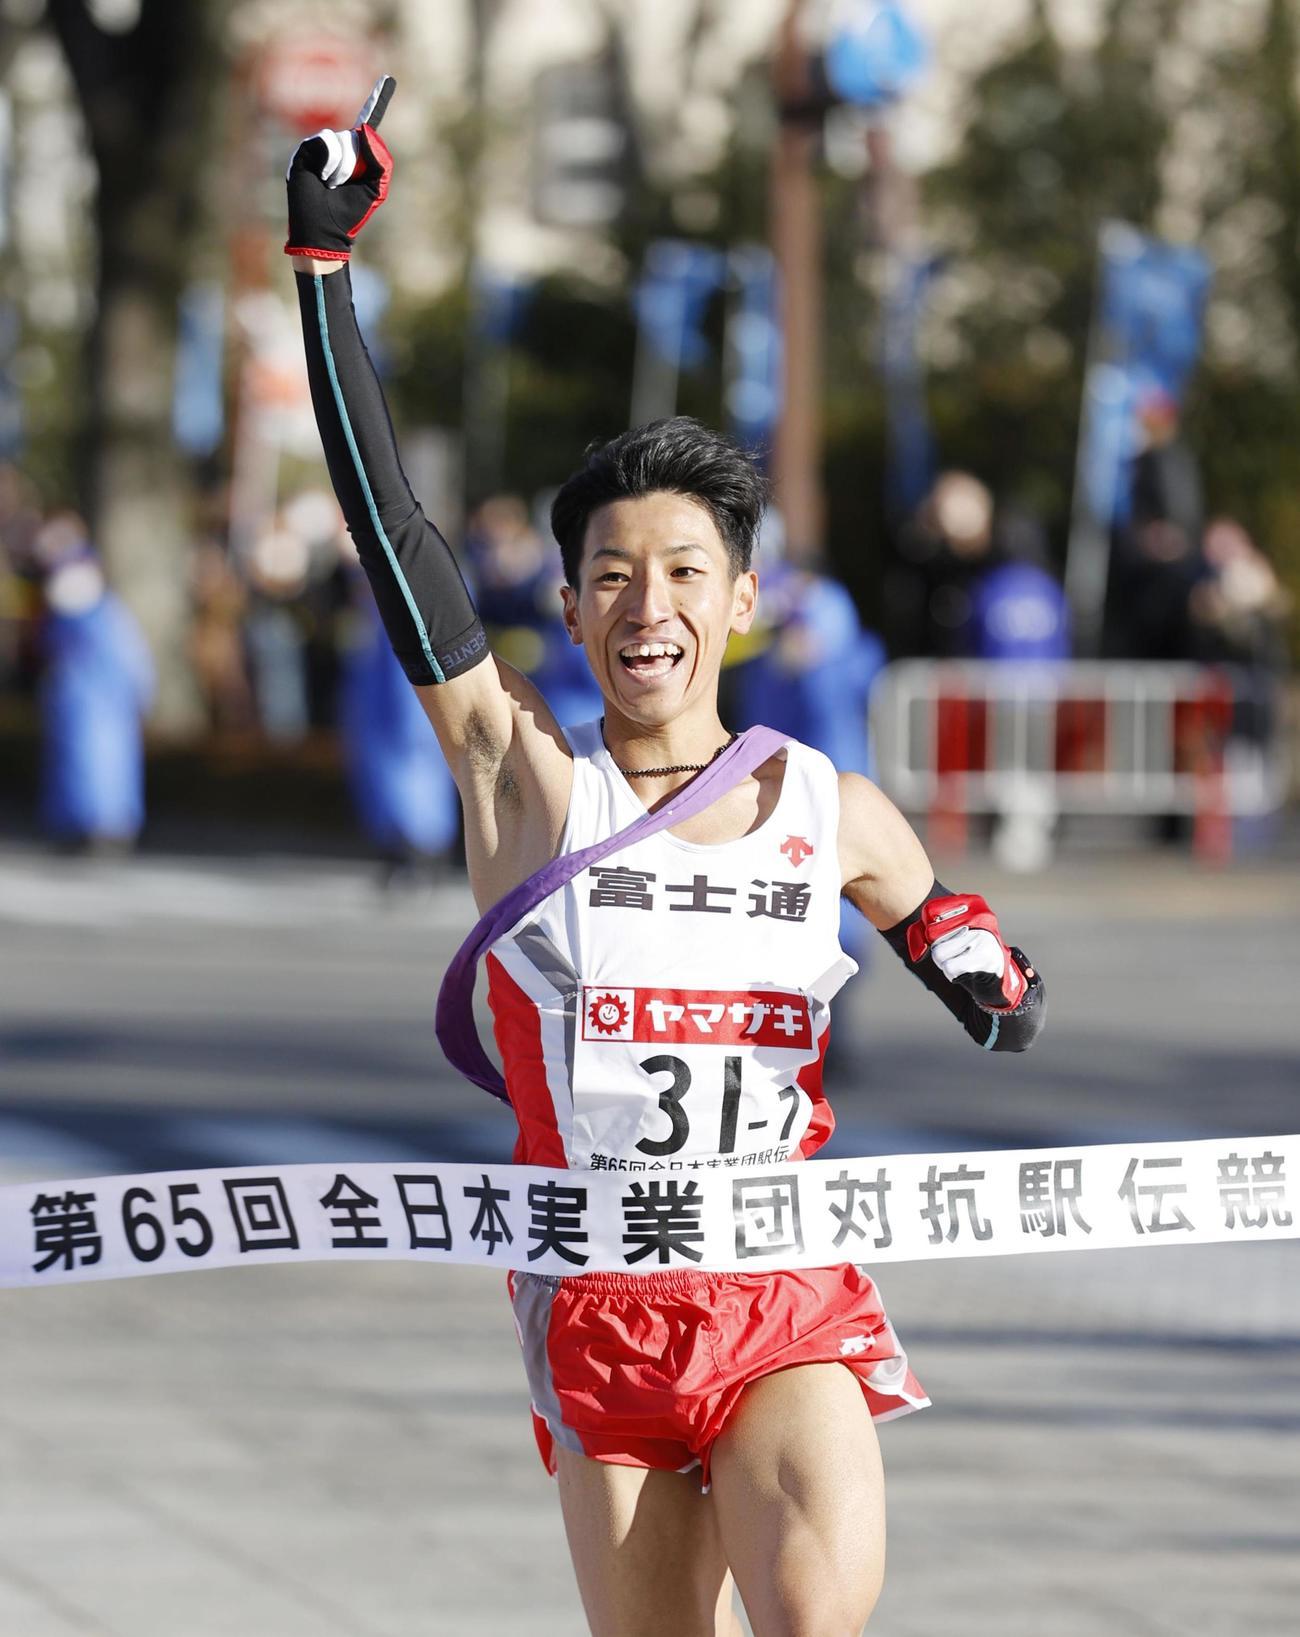 12年ぶり3度目の優勝を決め、指を突き上げる富士通のアンカー・浦野雄平(共同)